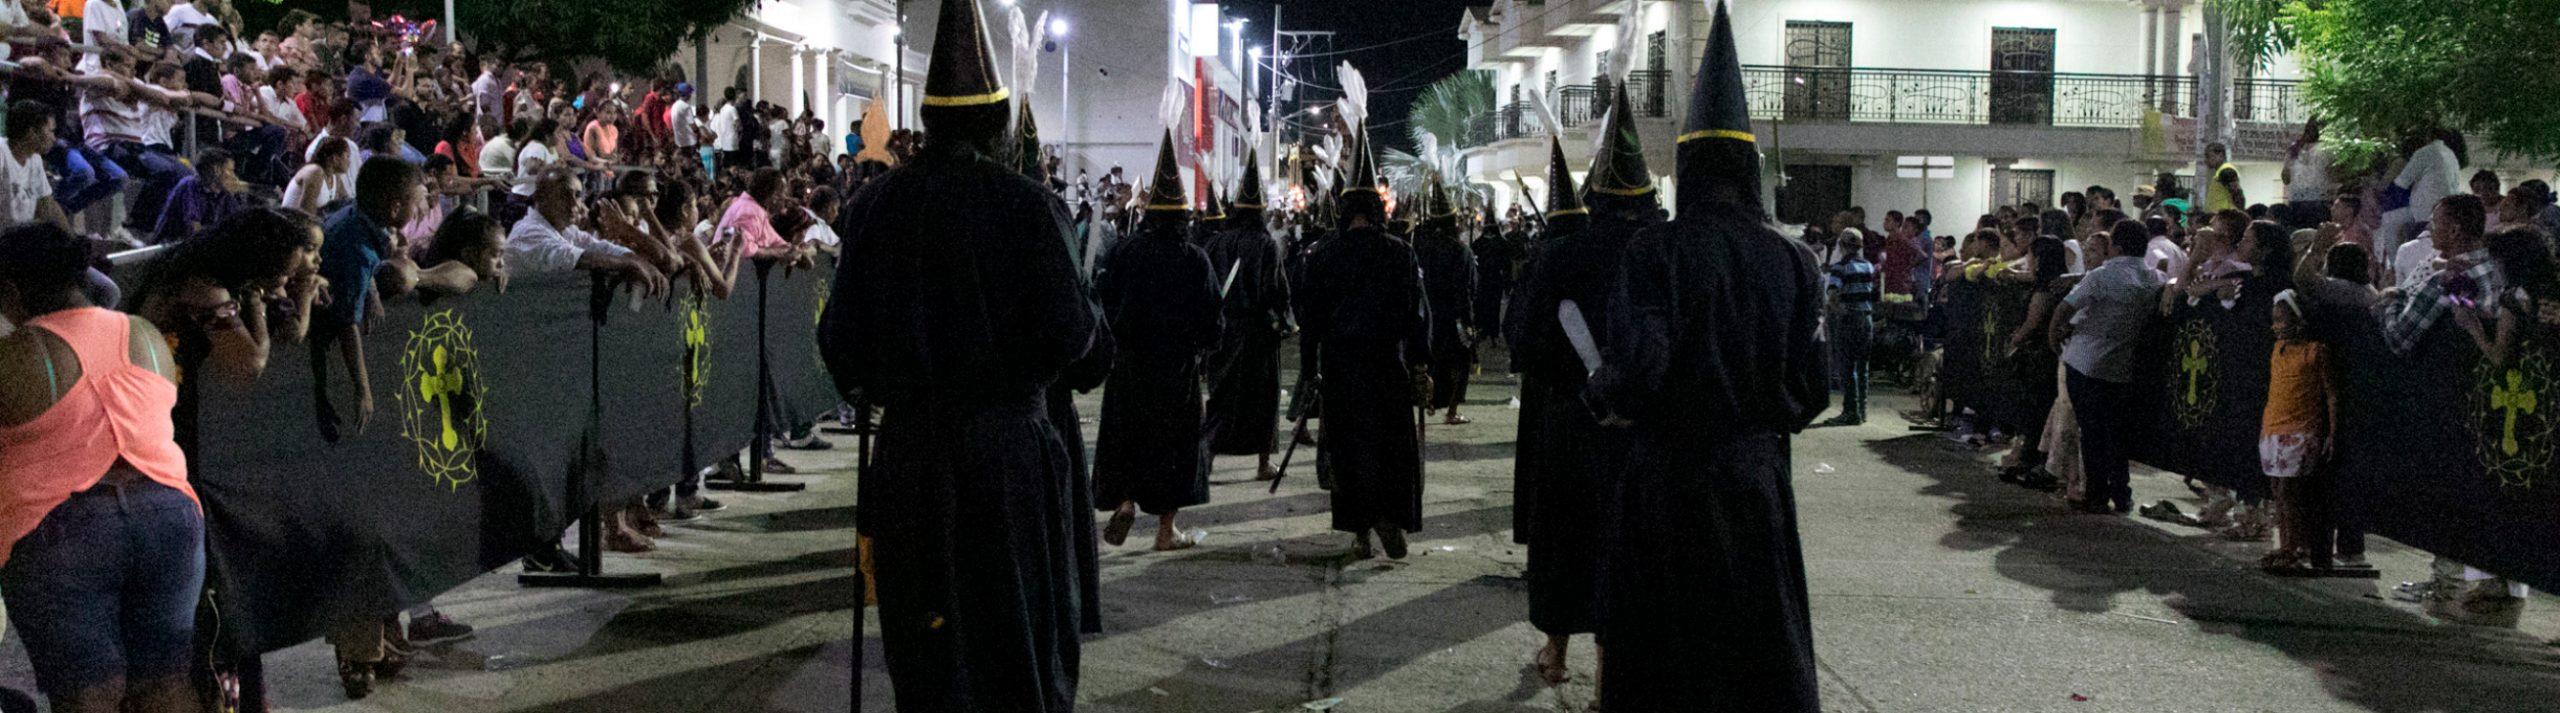 Dos marchas fúnebres para escuchar en Semana Santa